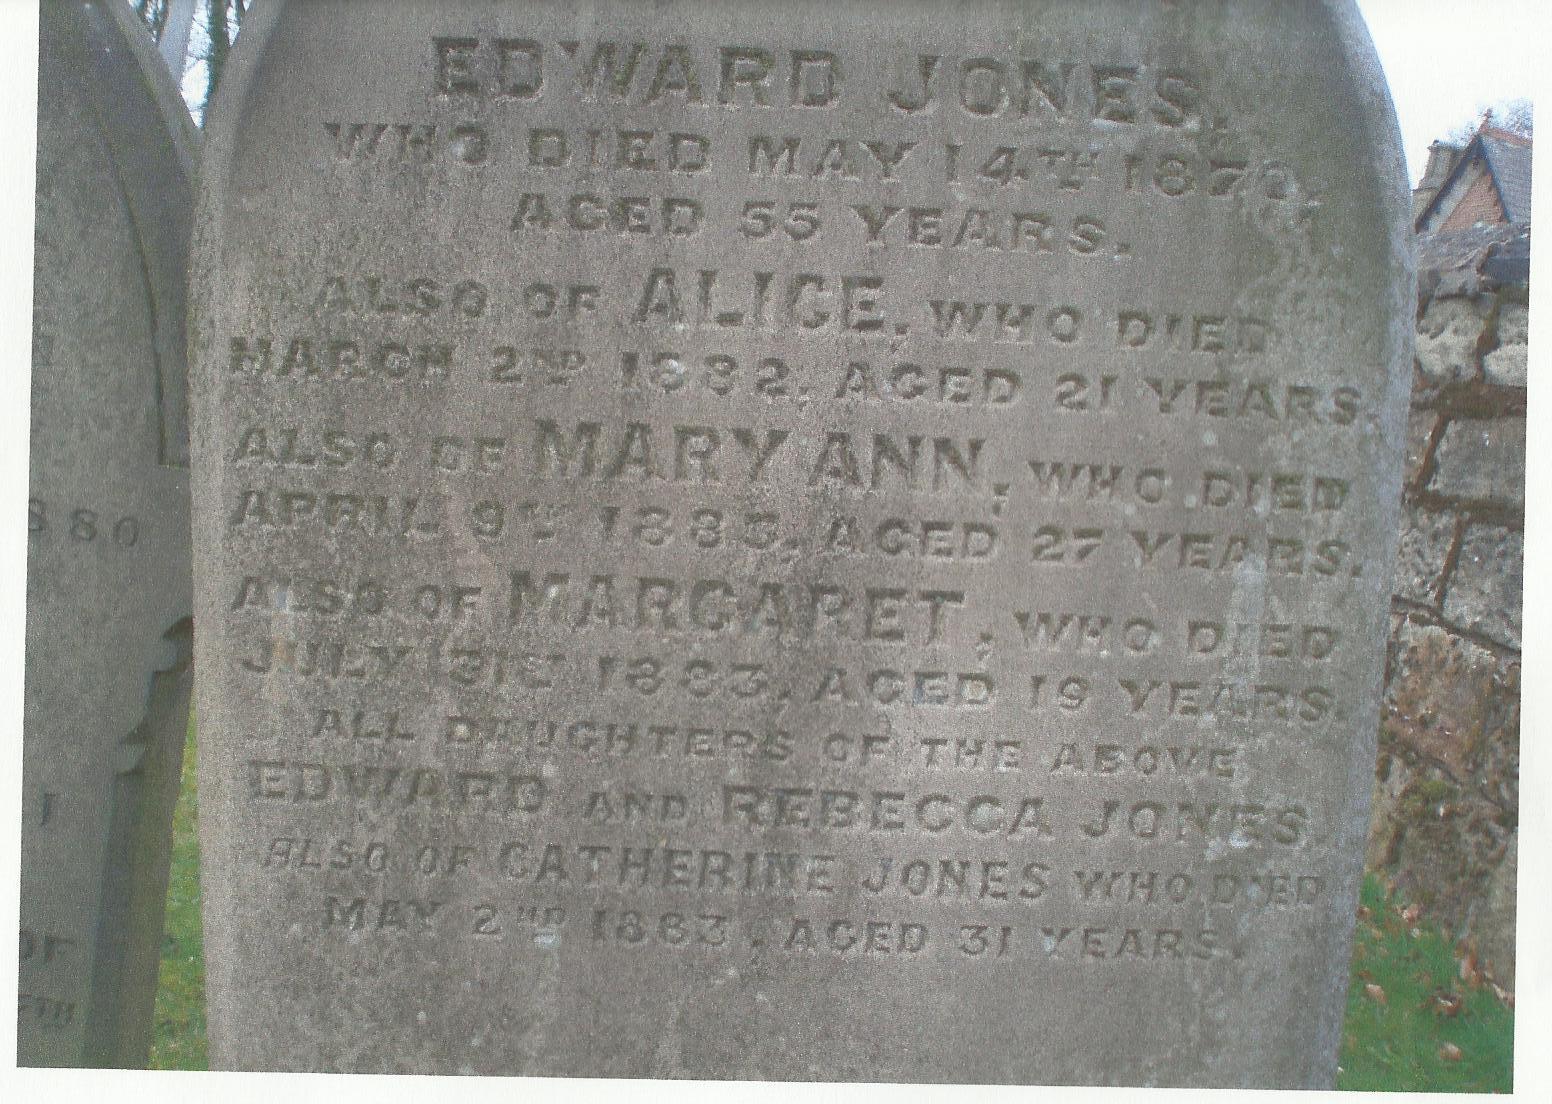 Mary A Jones